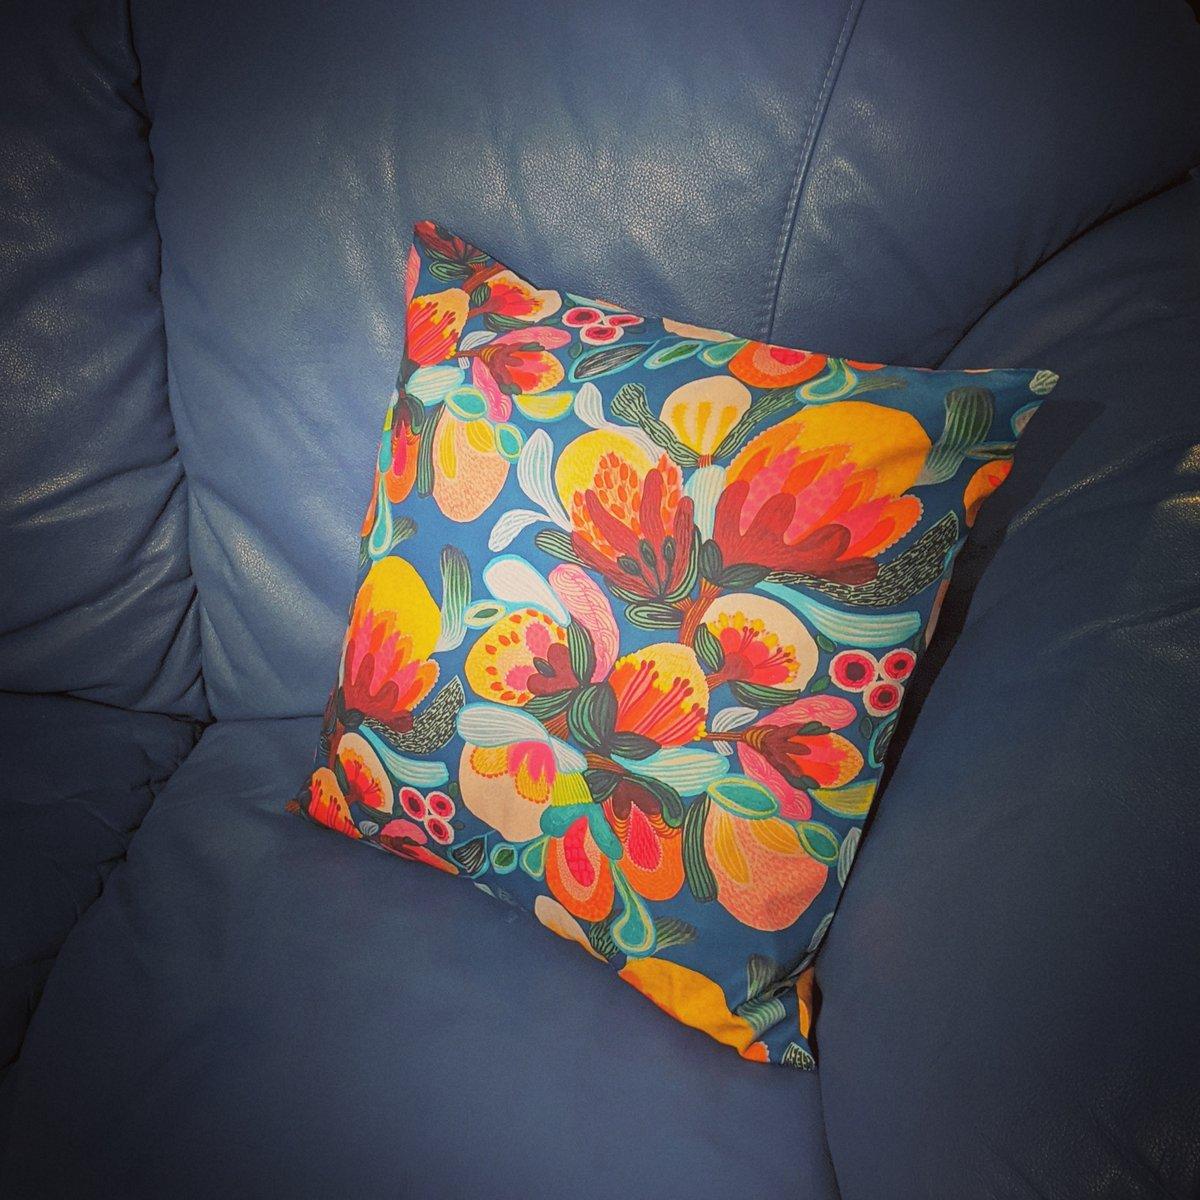 Image of Cushion Cover - Sunshine